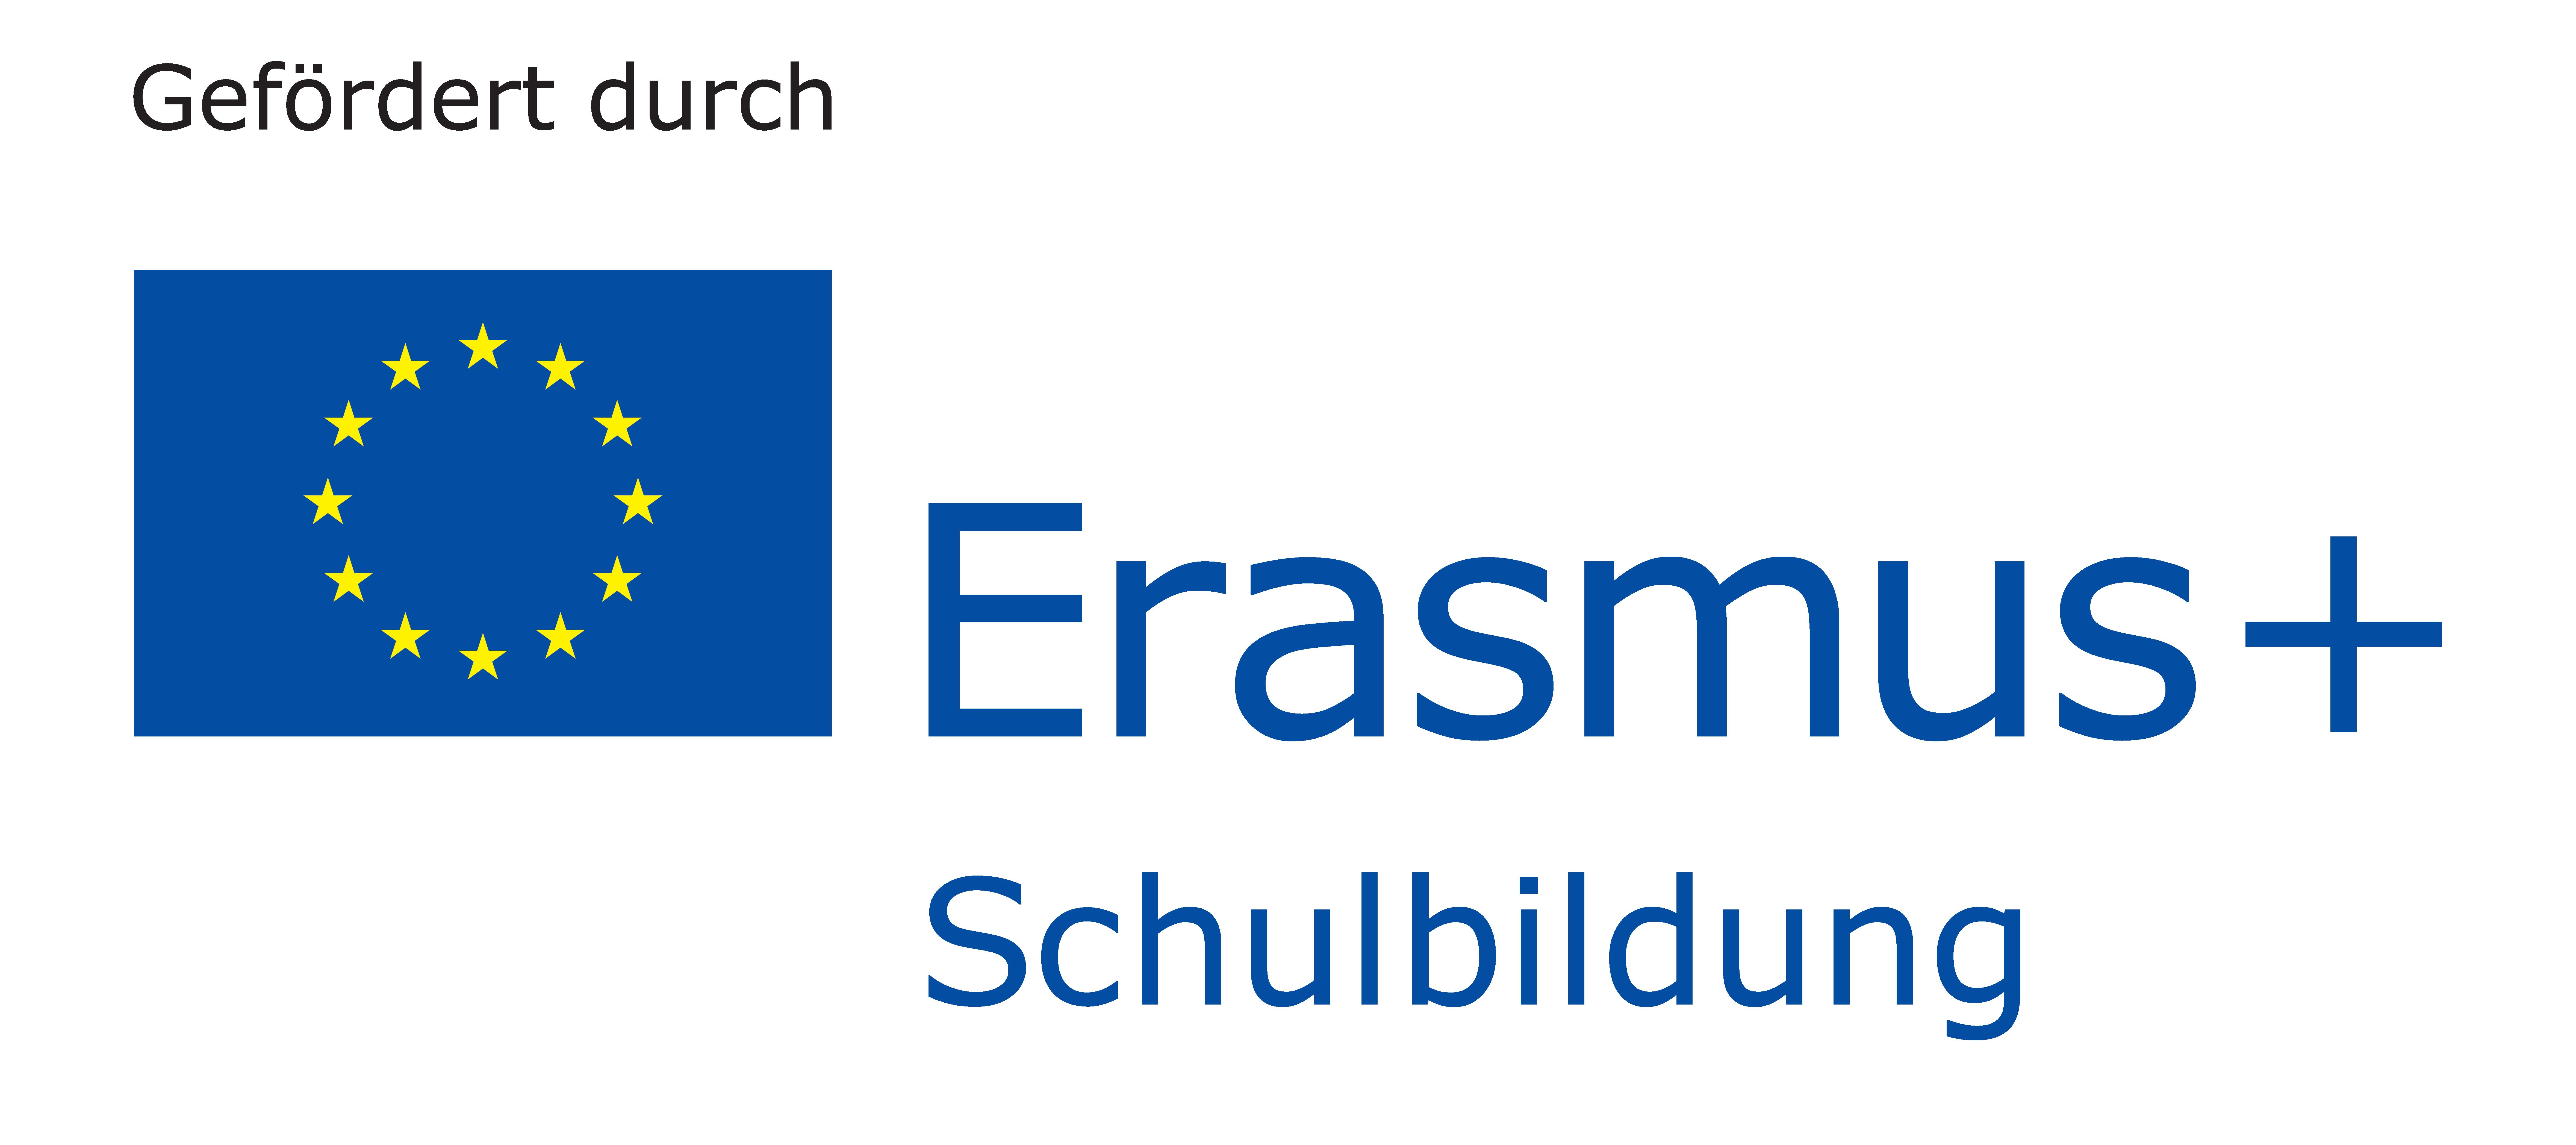 Gesamtschule Eifel beteiligt sich im Schuljahr 2020/2021 gleich an drei Erasmus+ Schulpartnerschaften